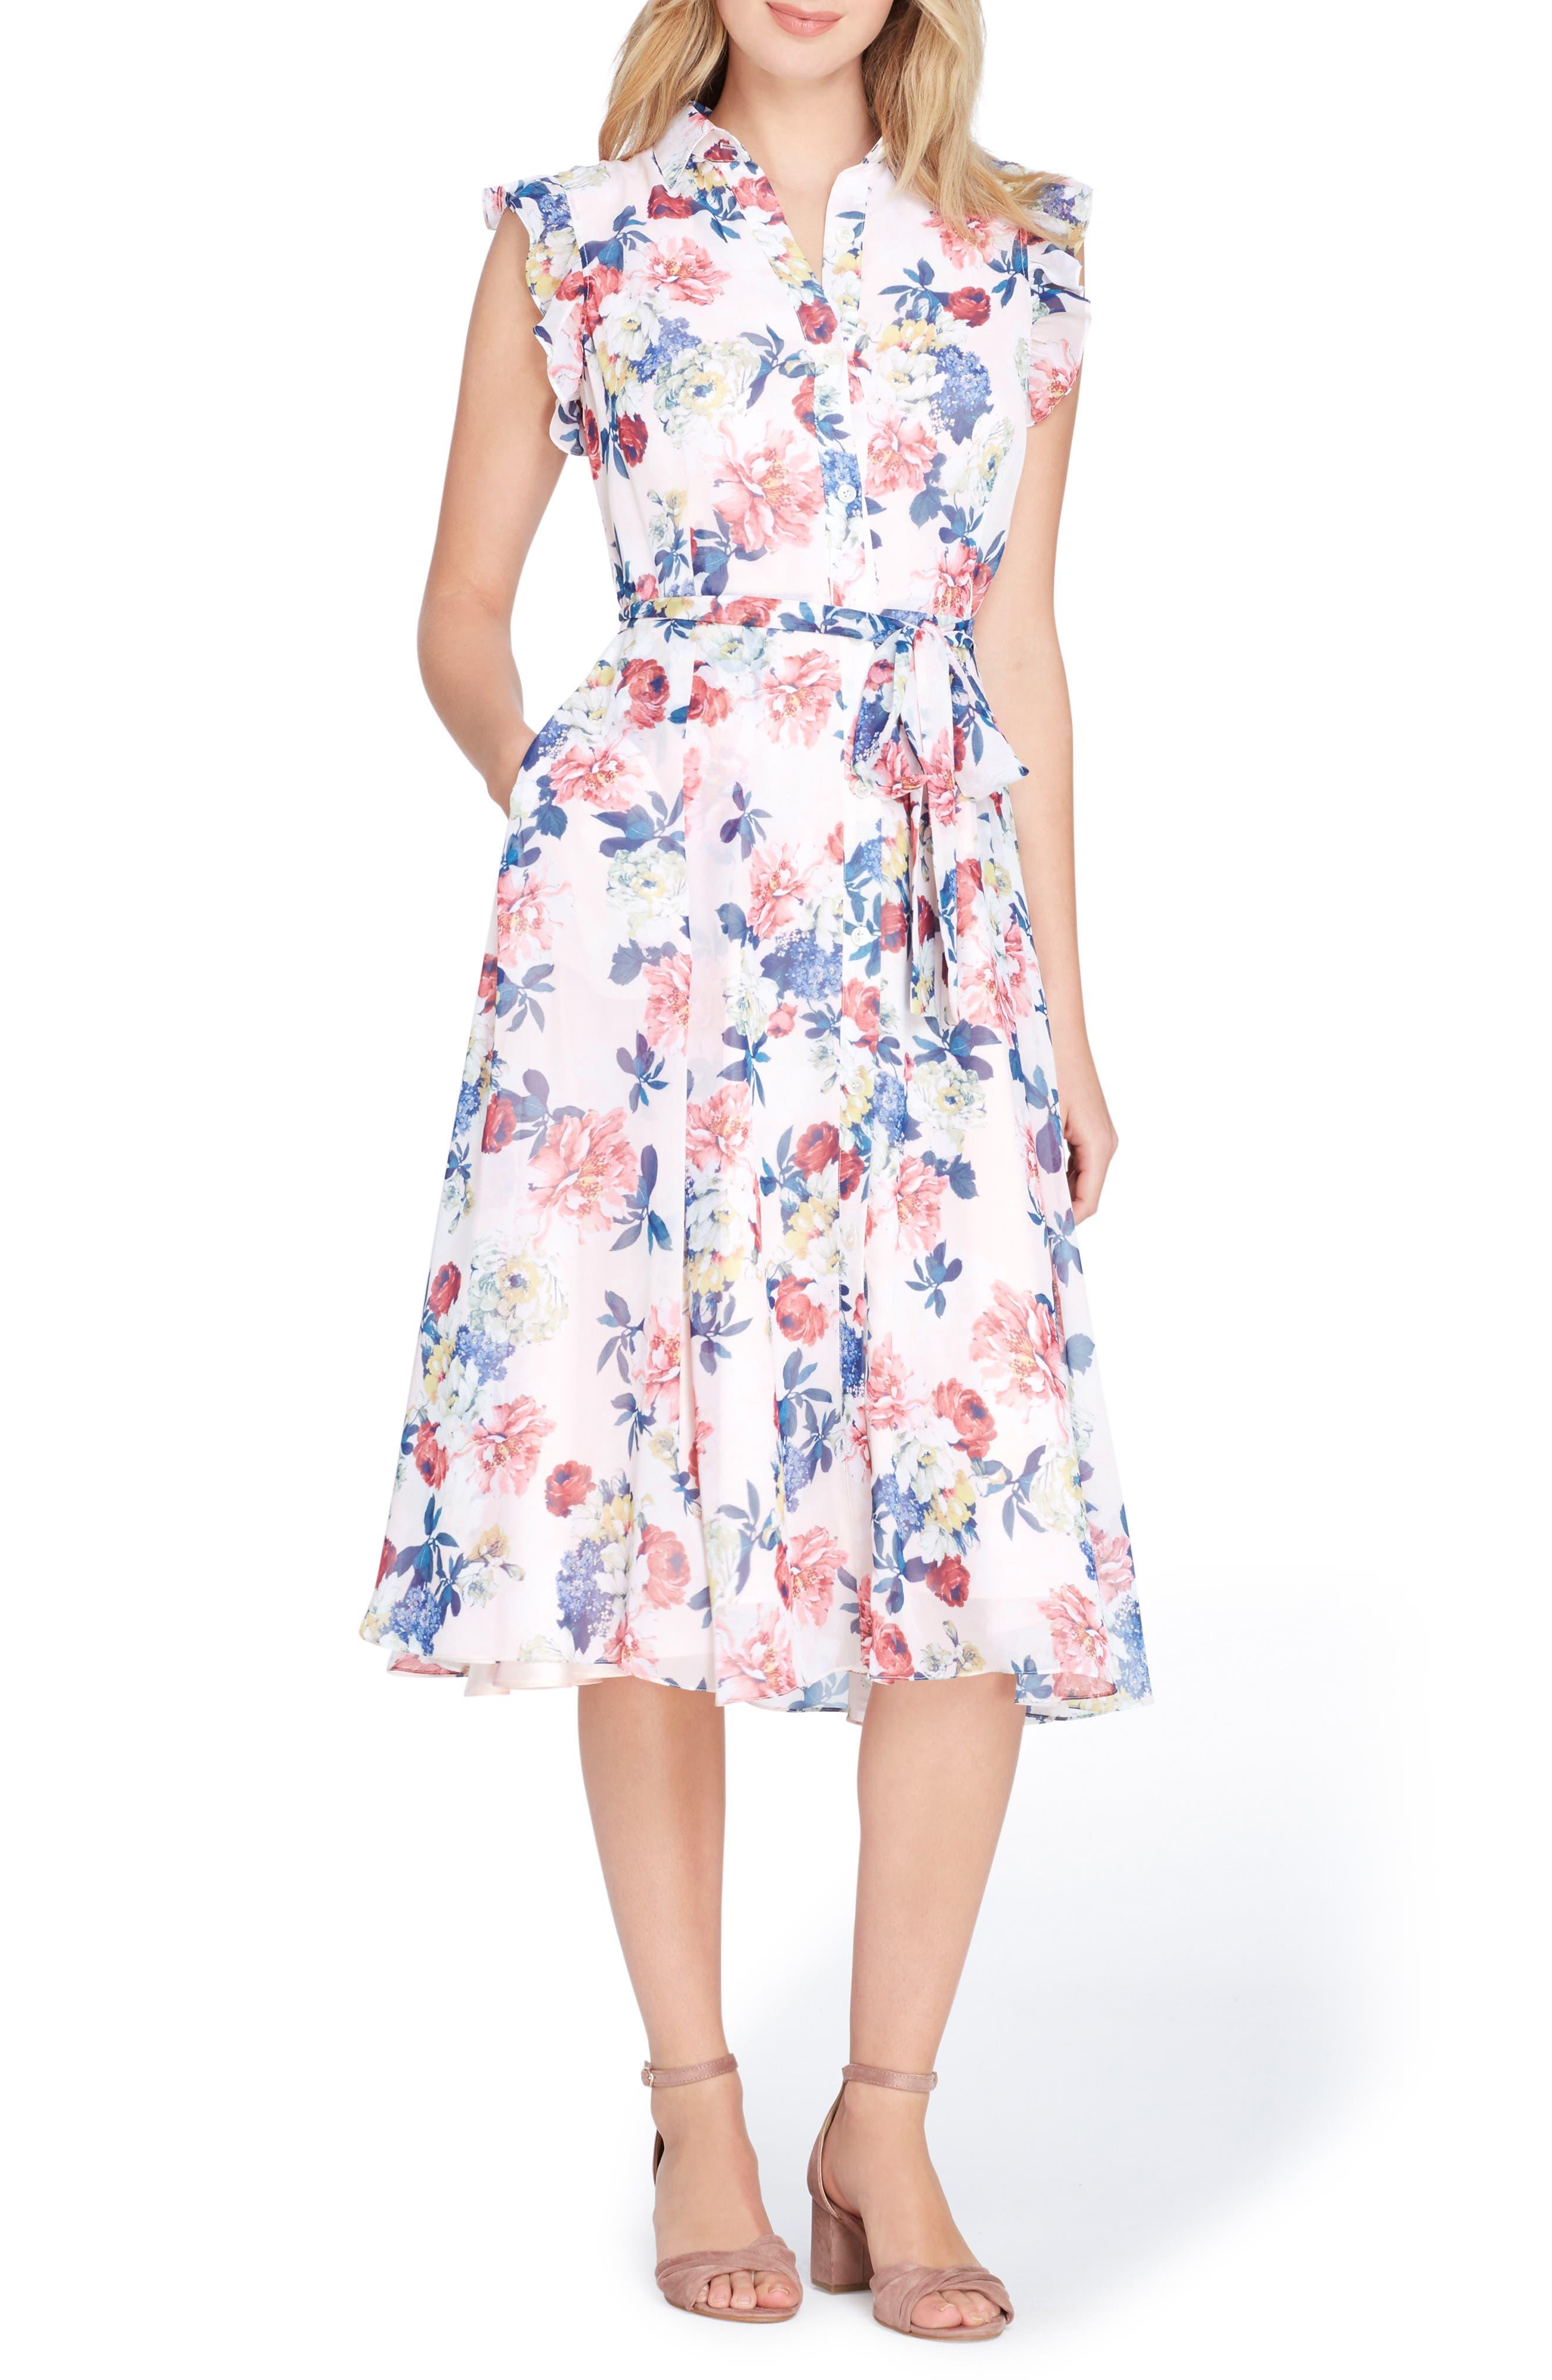 Floral Chiffon Shirtdress,                             Main thumbnail 1, color,                             Blush/ Tea Rose/ Navy